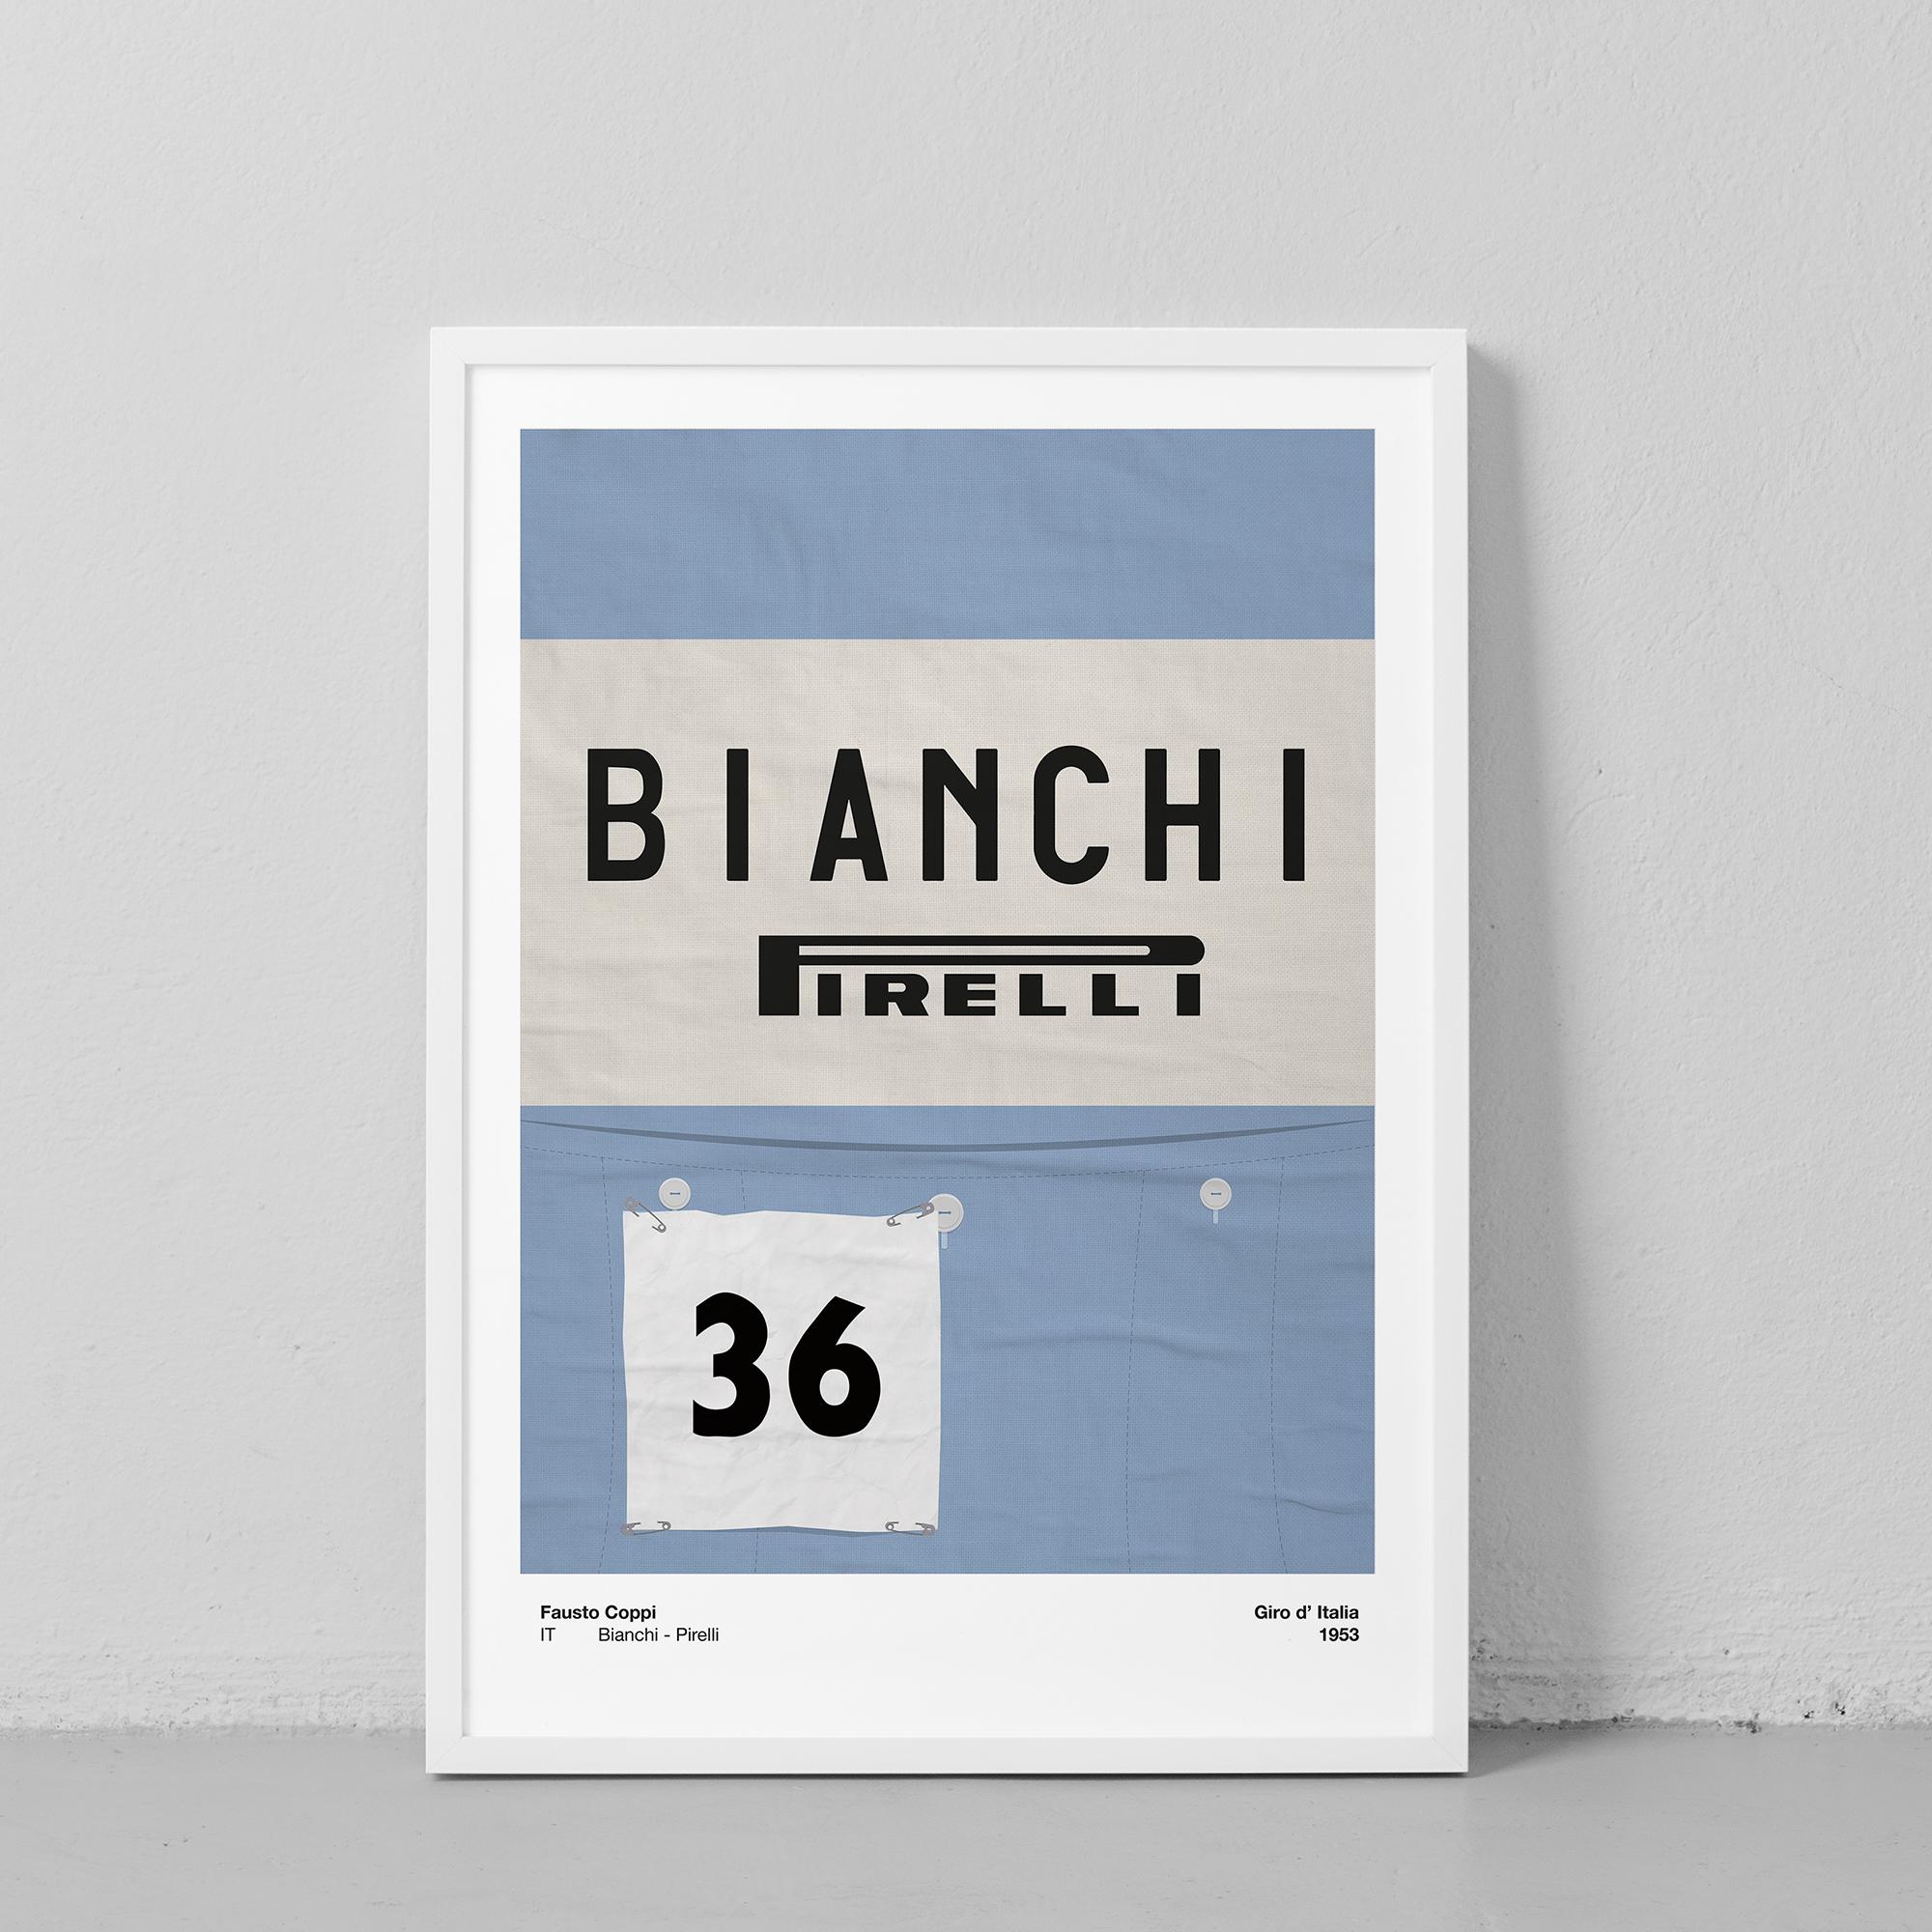 Fausto Coppi, Bianchi Pirelli